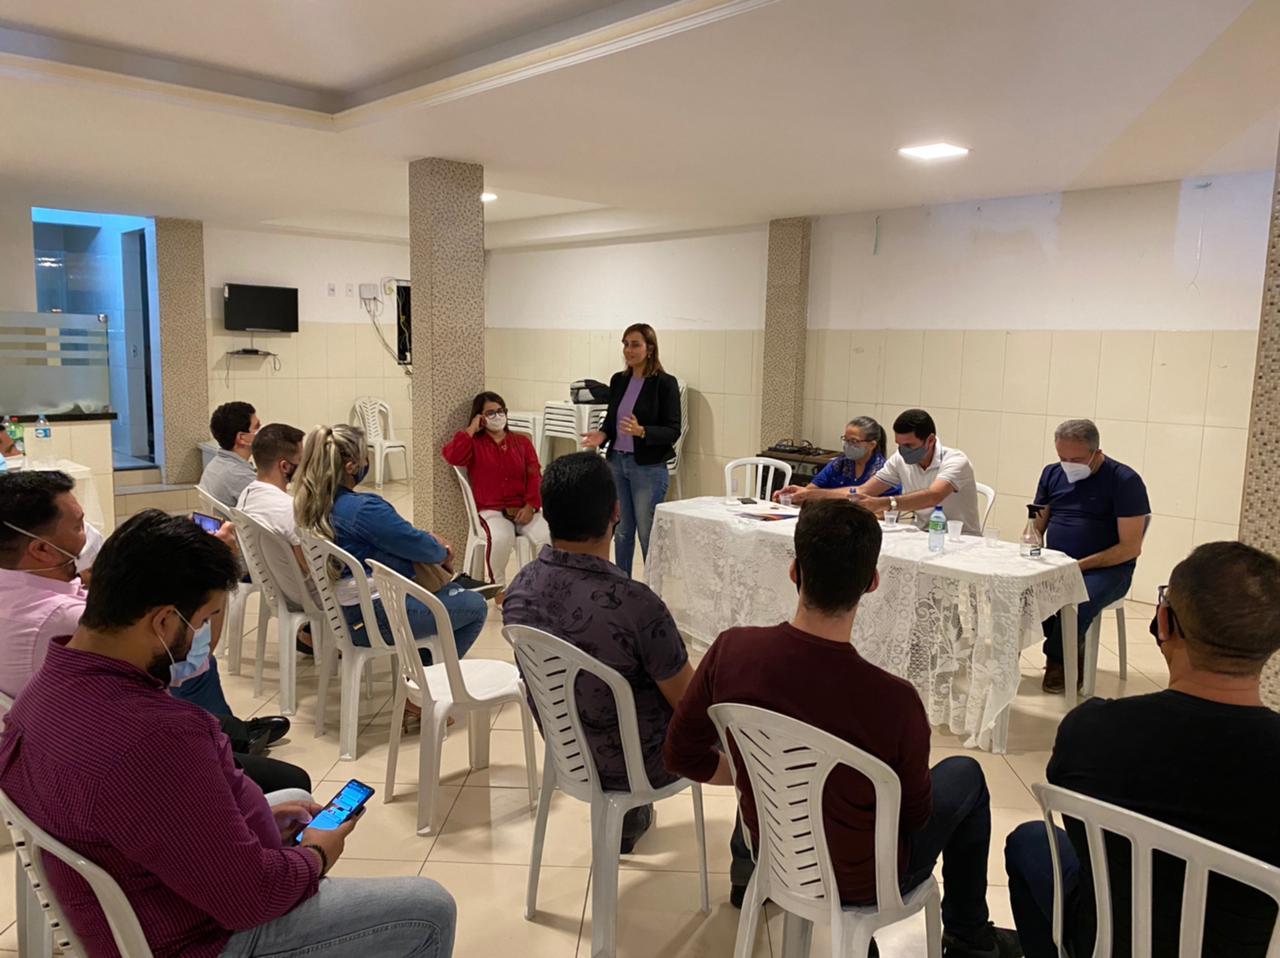 WhatsApp Image 2021 07 30 at 08.49.47 - Grupo de filiados ao Podemos de Campina Grande se reúne para definir rumos e estratégias futuras